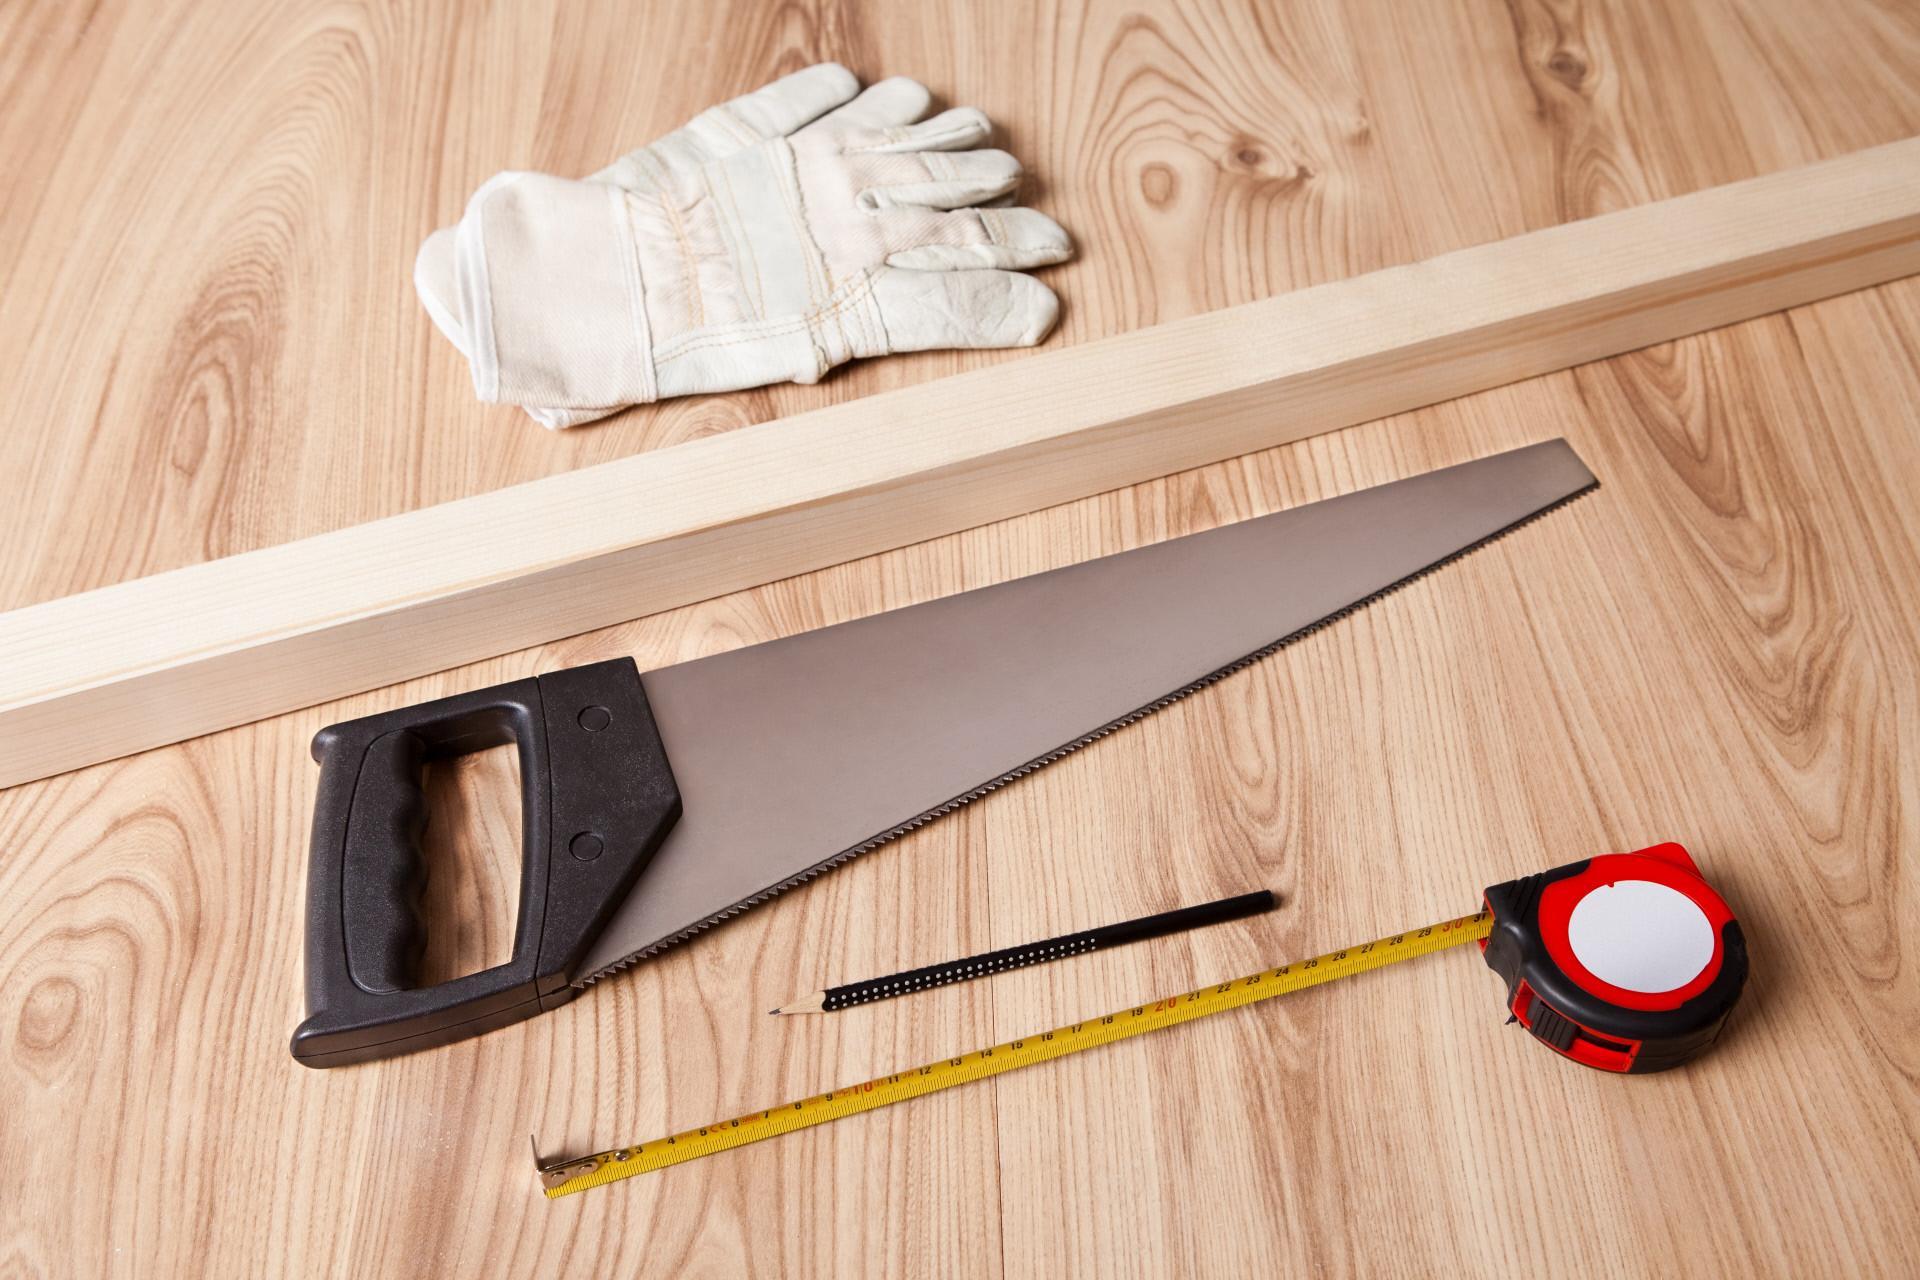 Ristrutturazione casa mutuo o prestito idealista news - Mutuo per ristrutturare casa ...